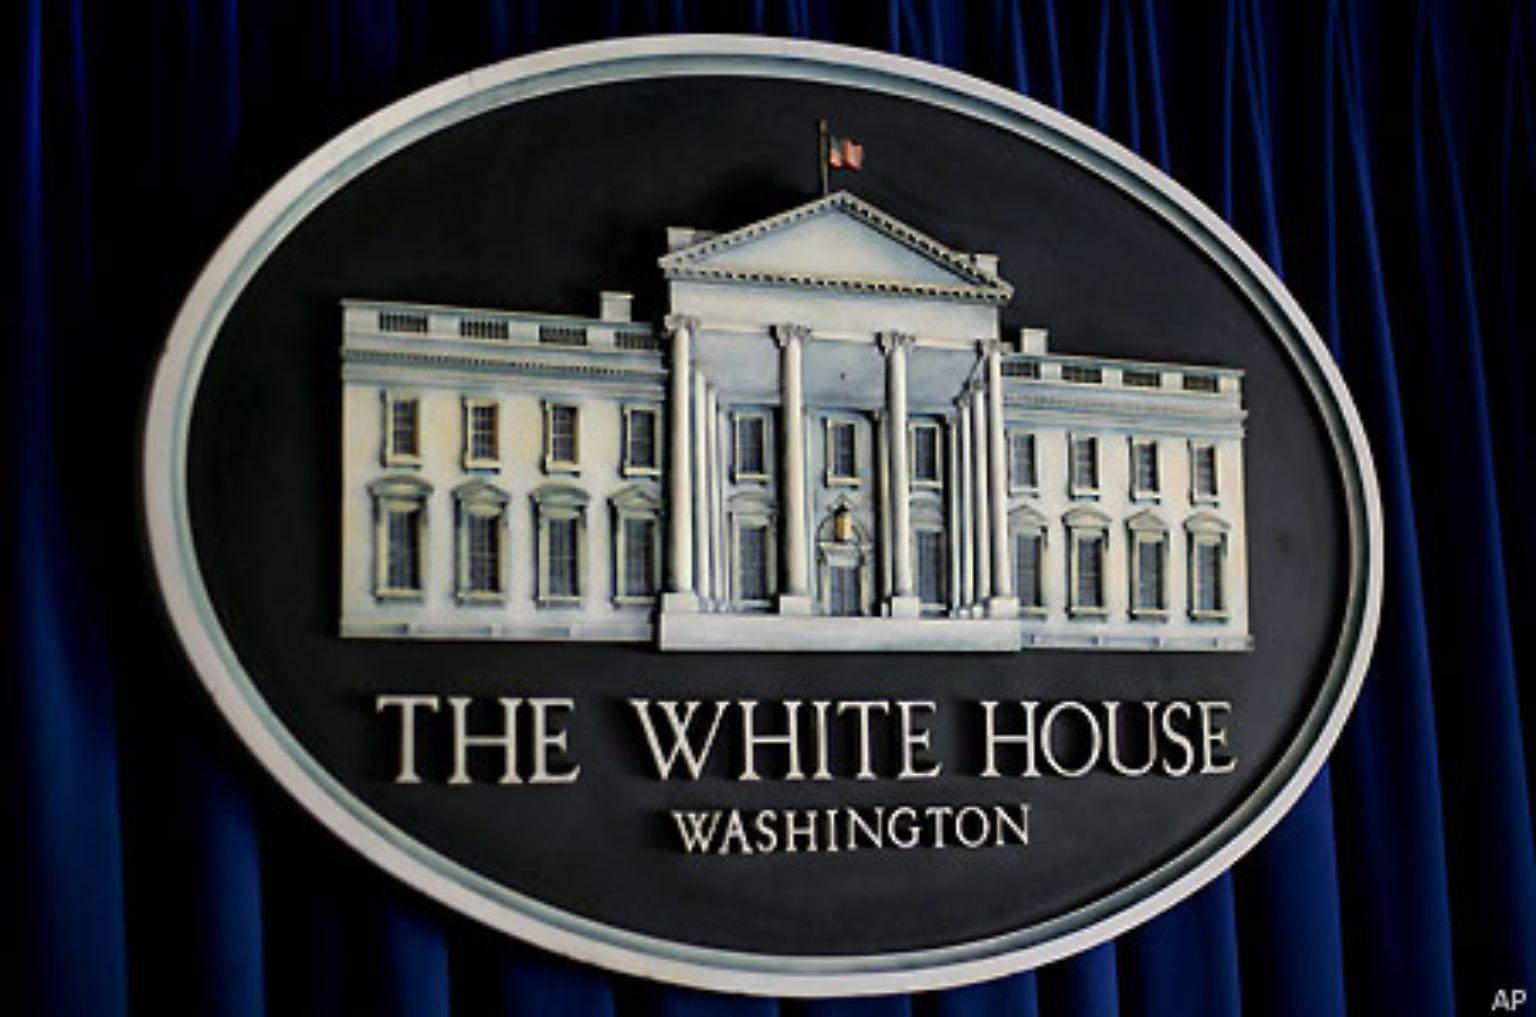 Das Weiße Haus in Washington ist zugleich Amtssitz und Residenz des amerikanischen Präsidenten.